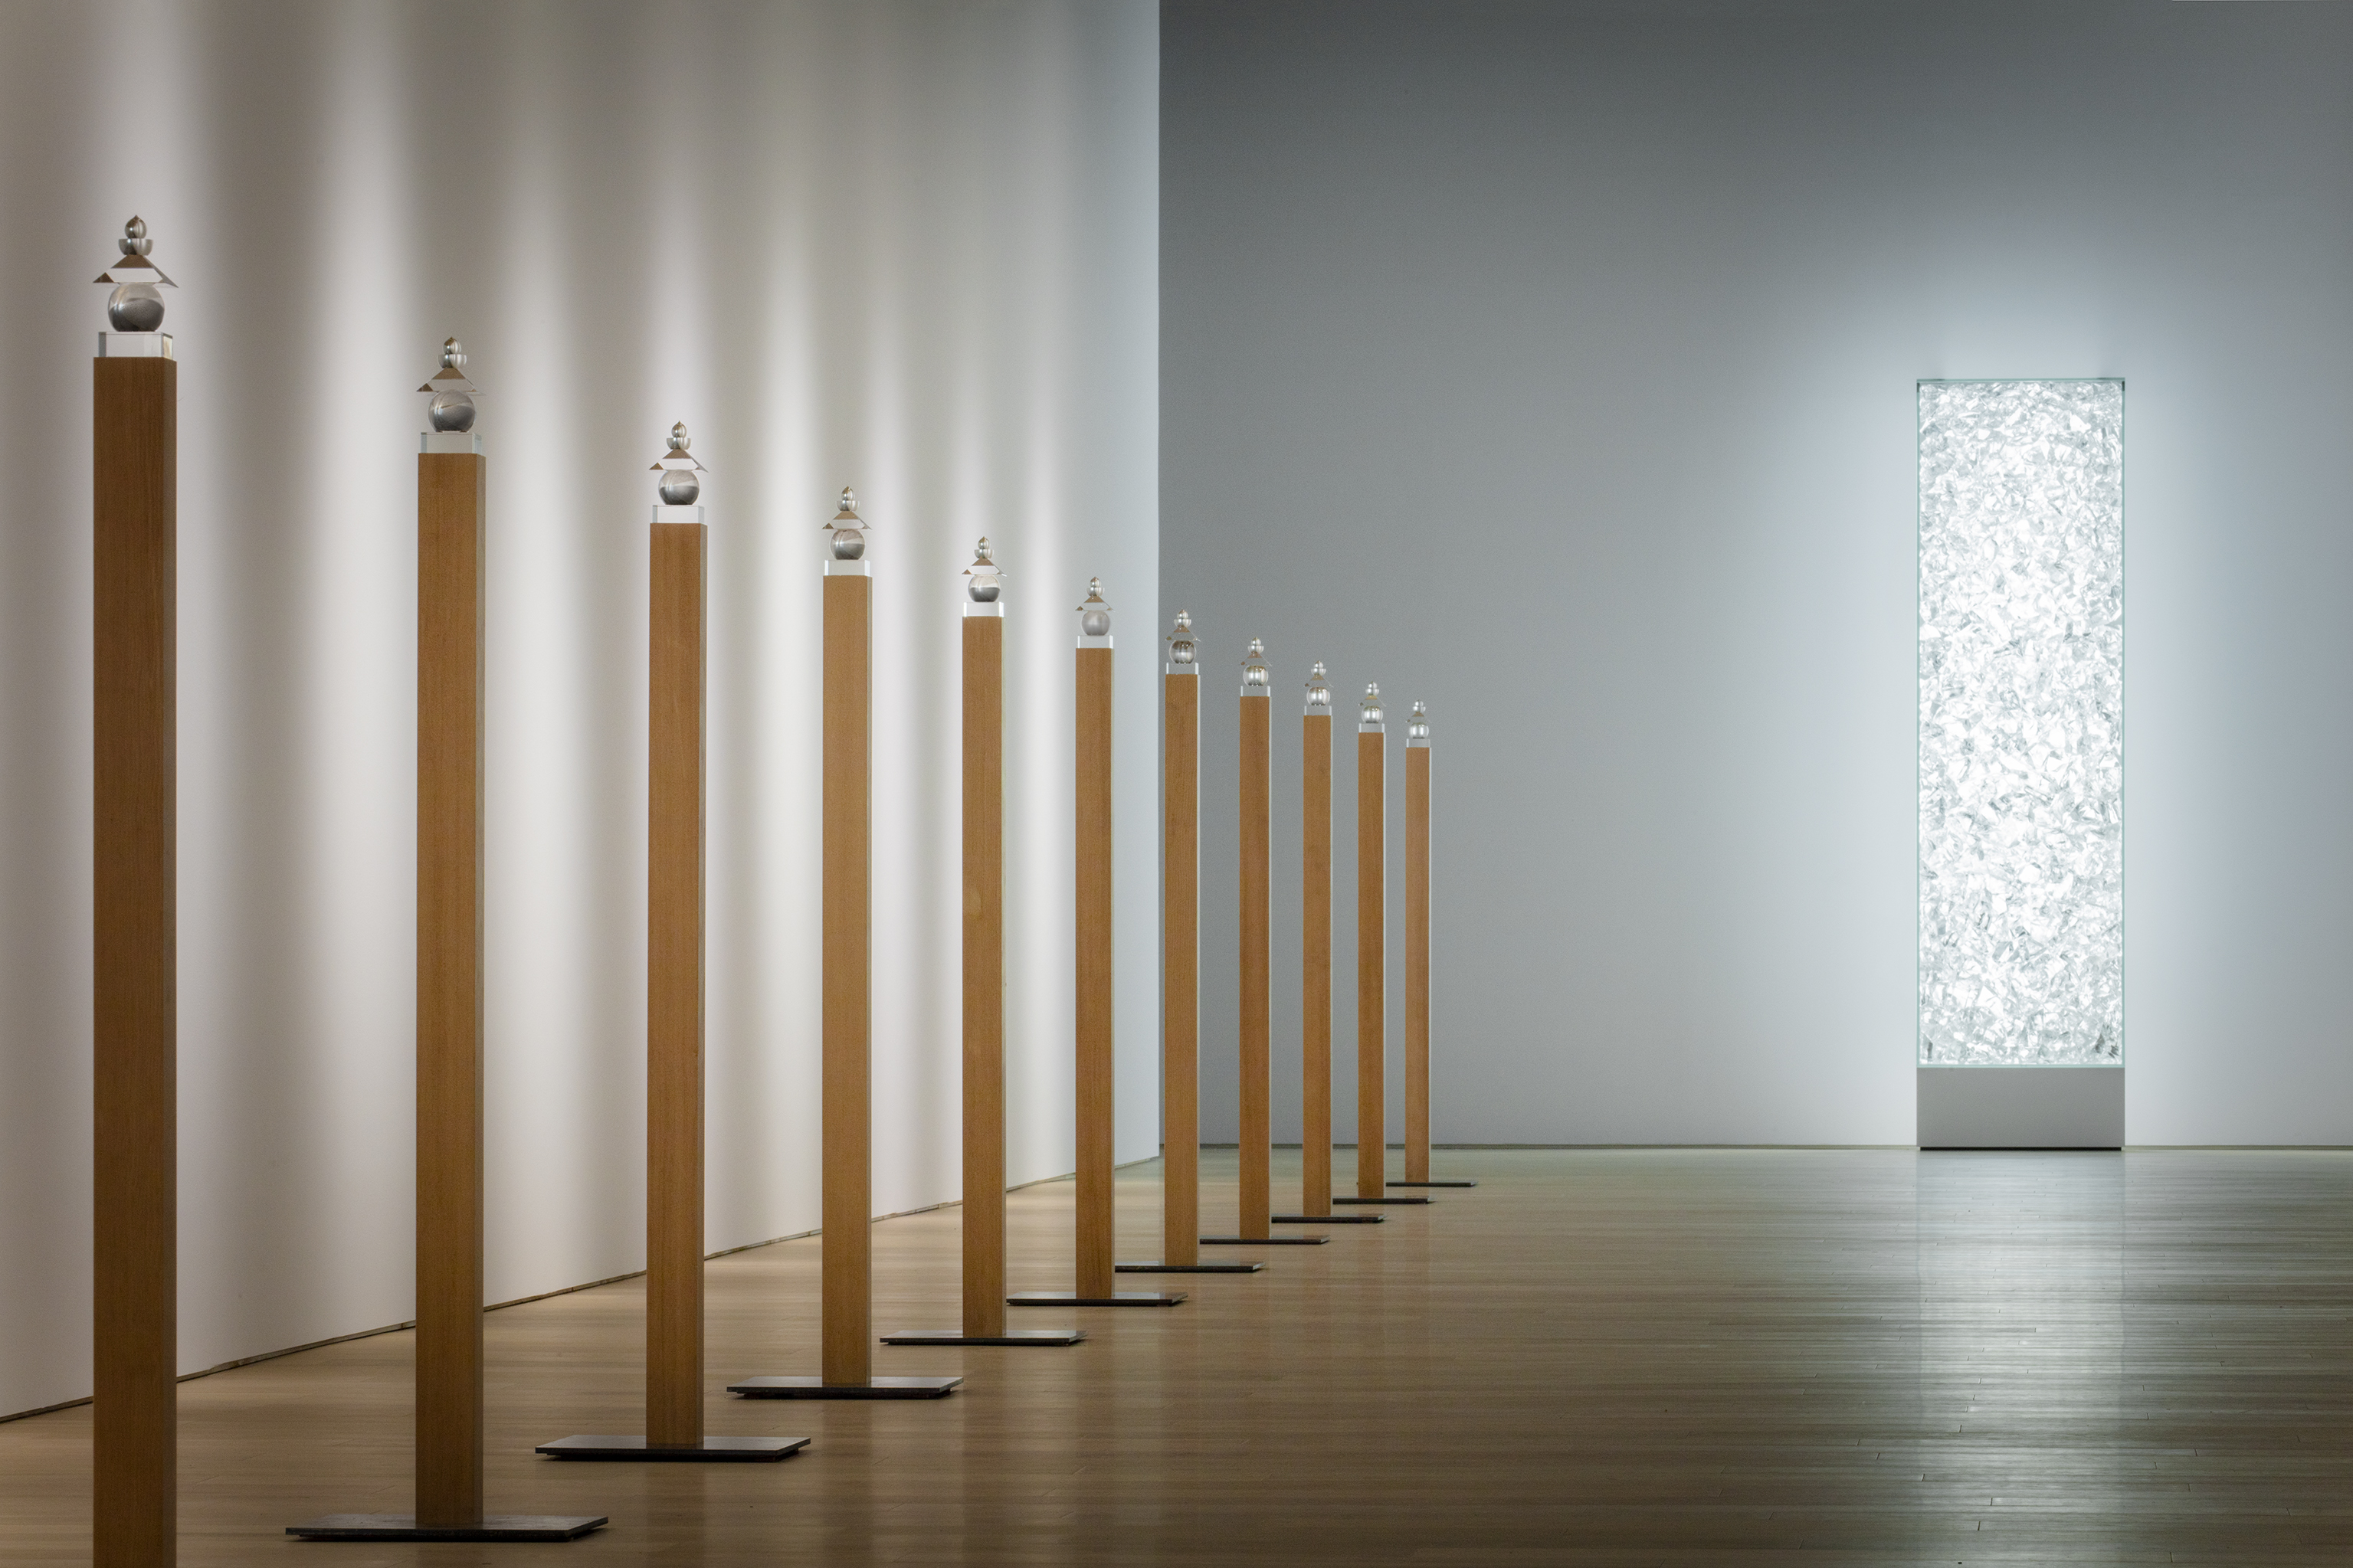 現代の空間で構築する、浄土への希求 『杉本博司 瑠璃の浄土』